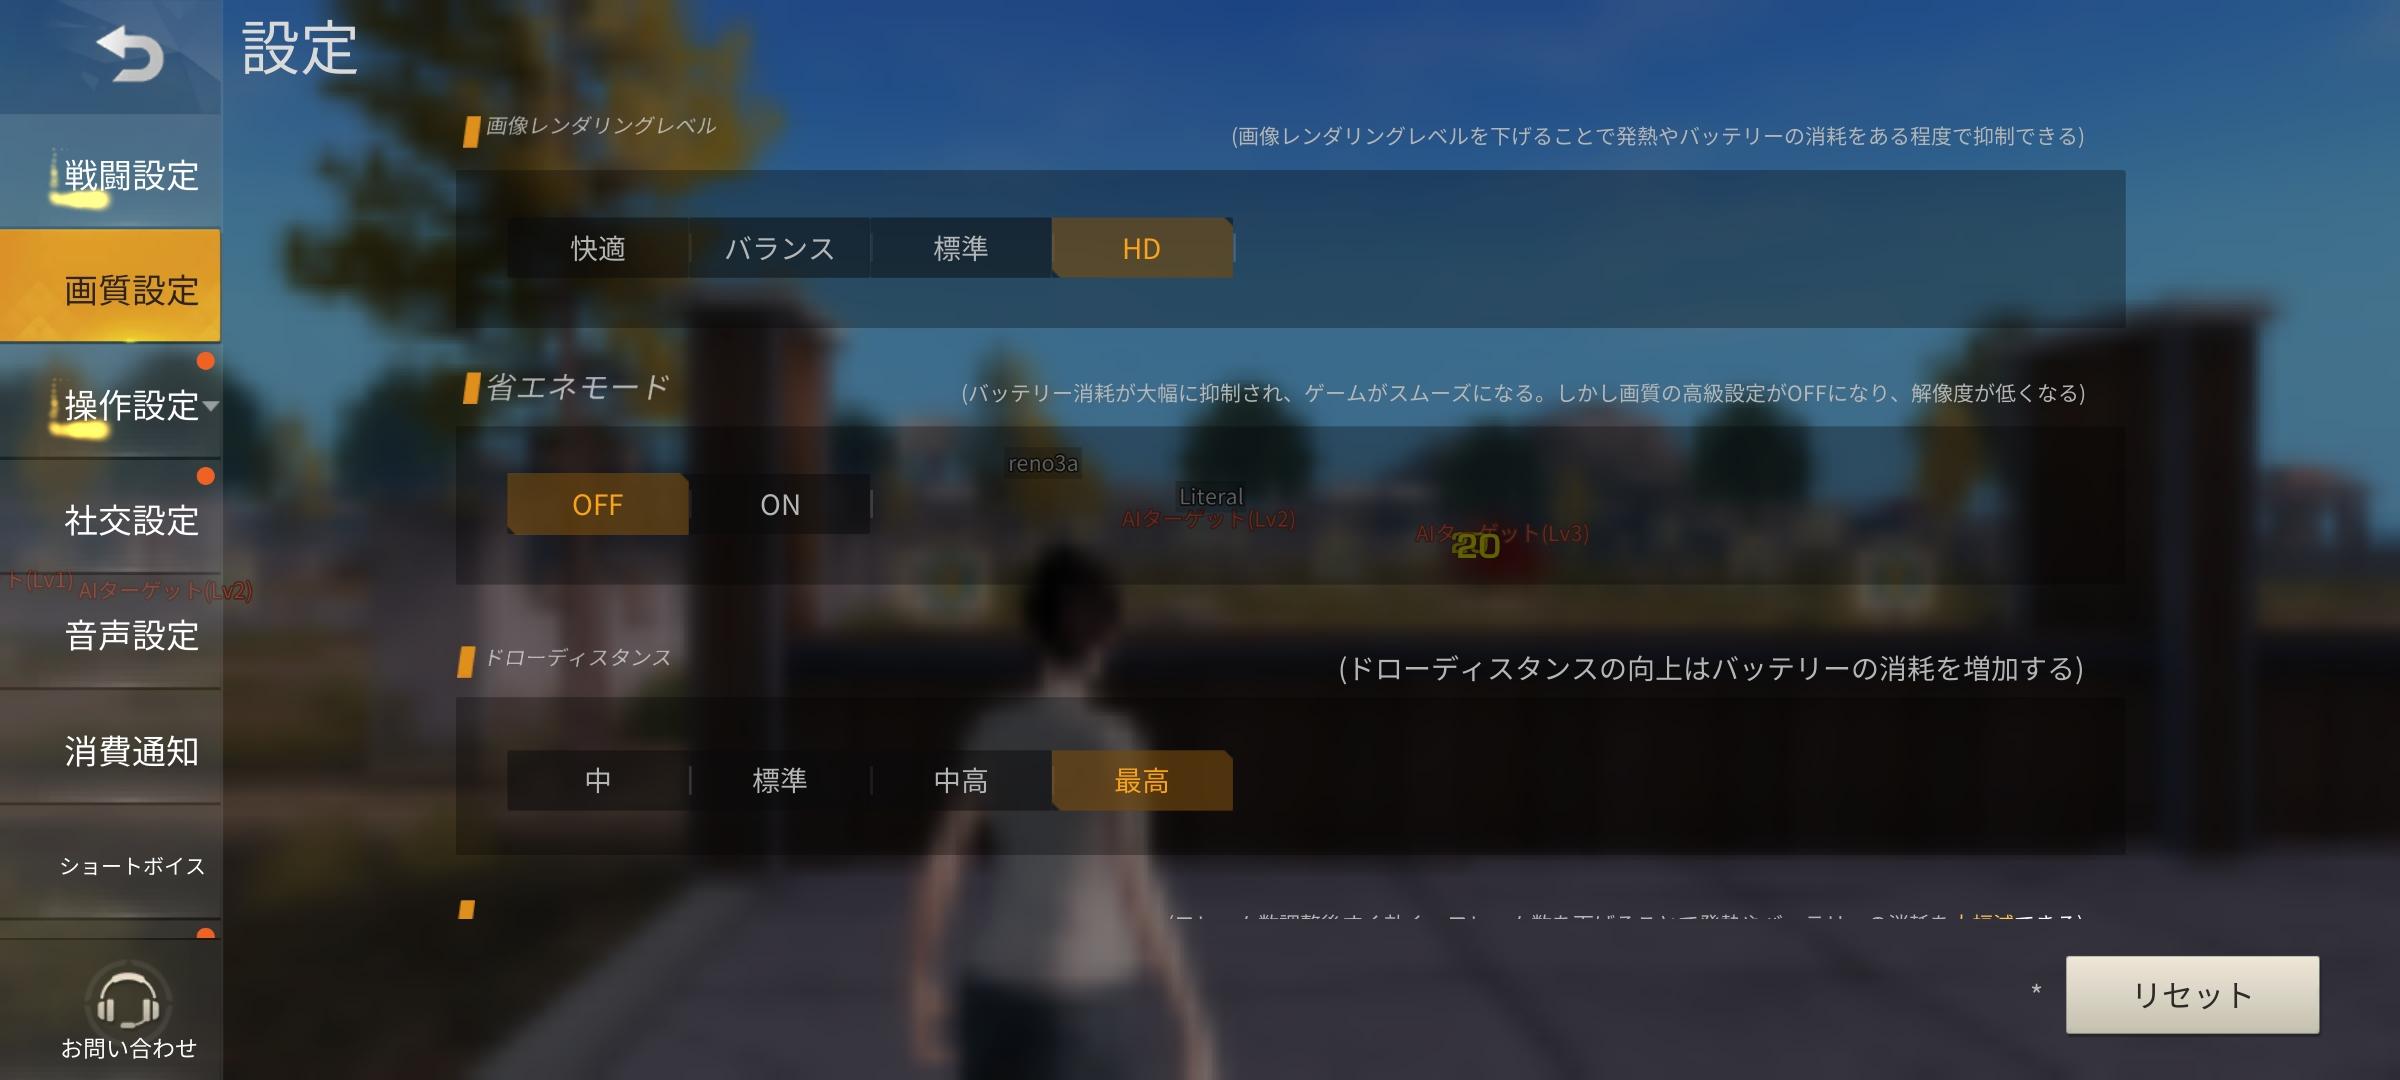 f:id:Azusa_Hirano:20200702062852j:plain